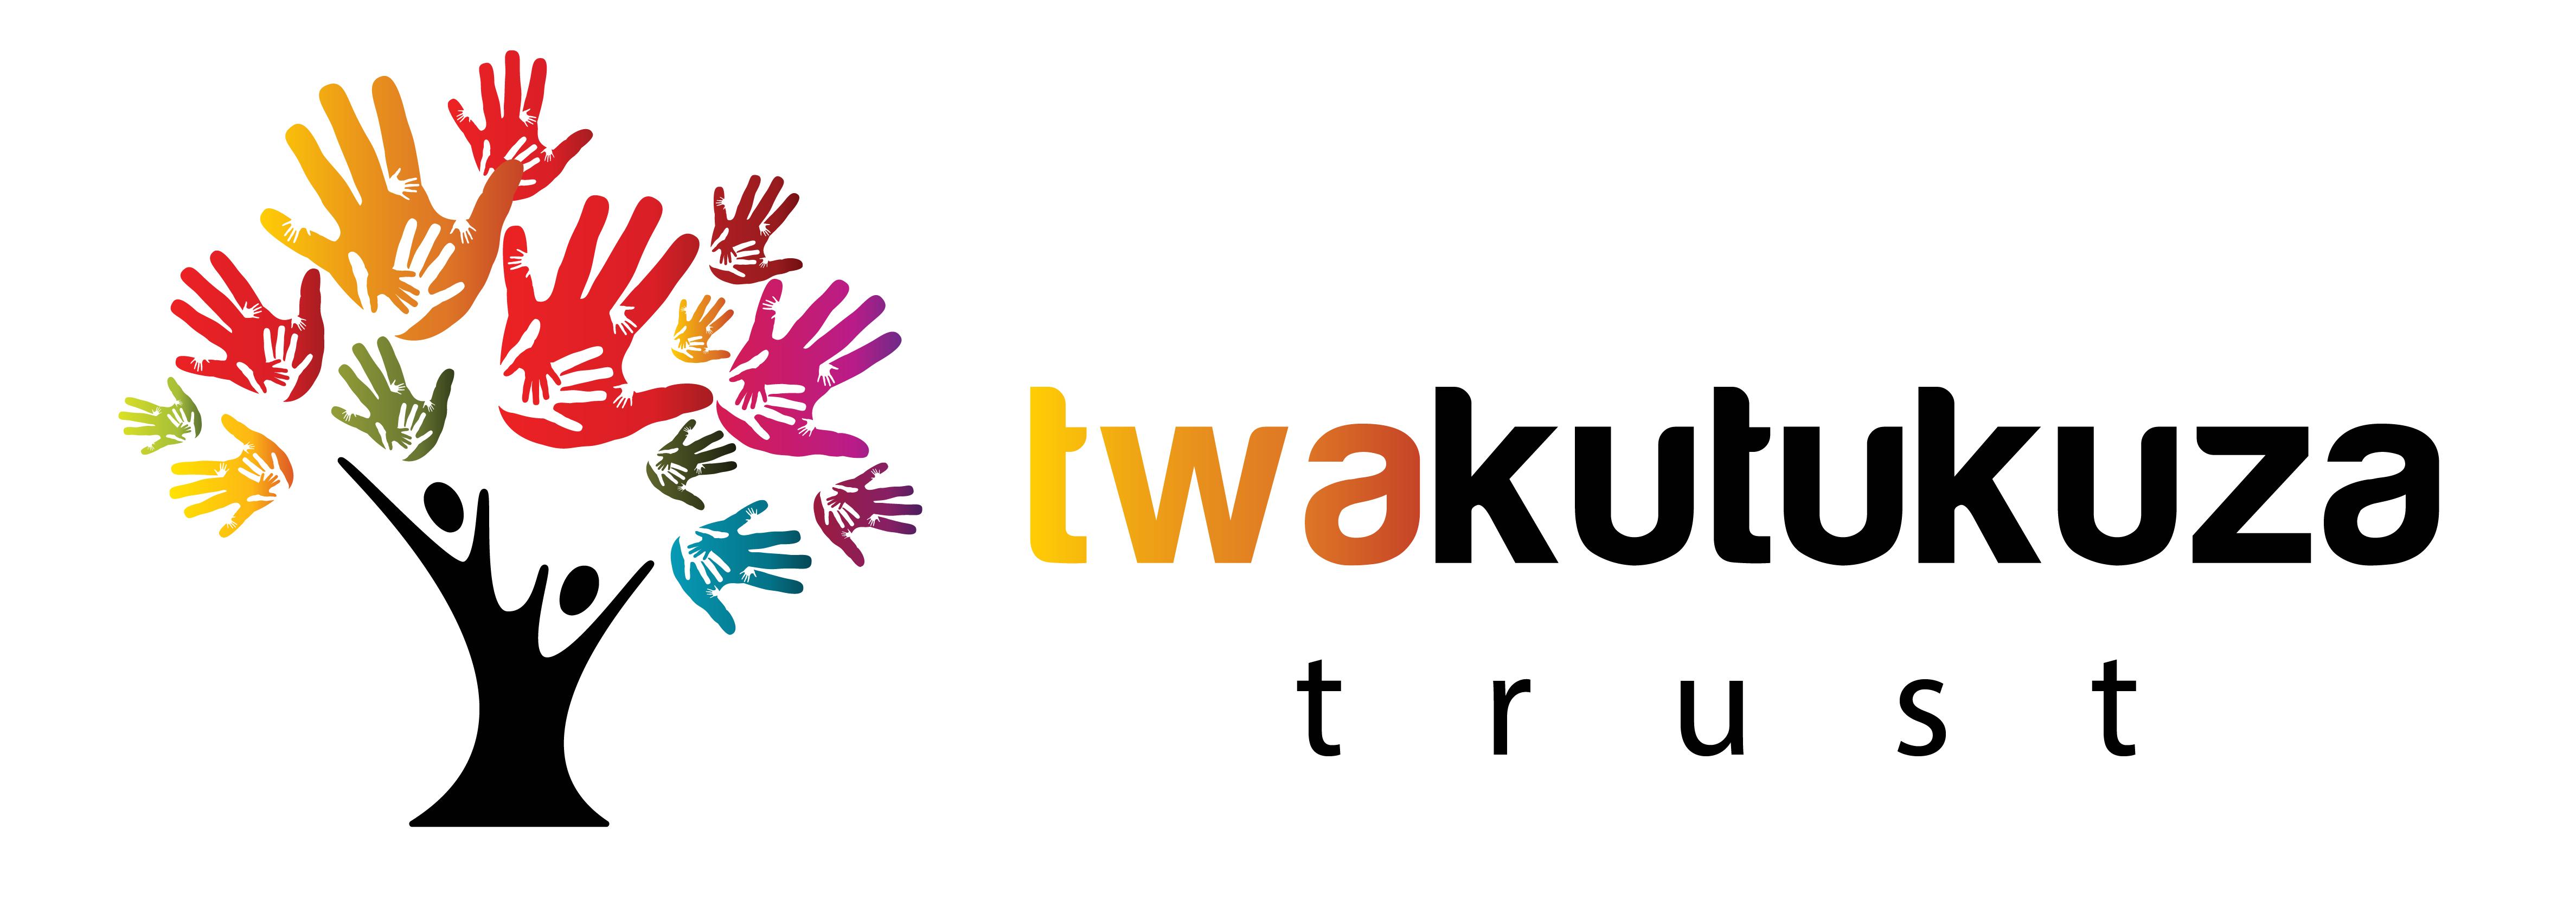 Twatukuza